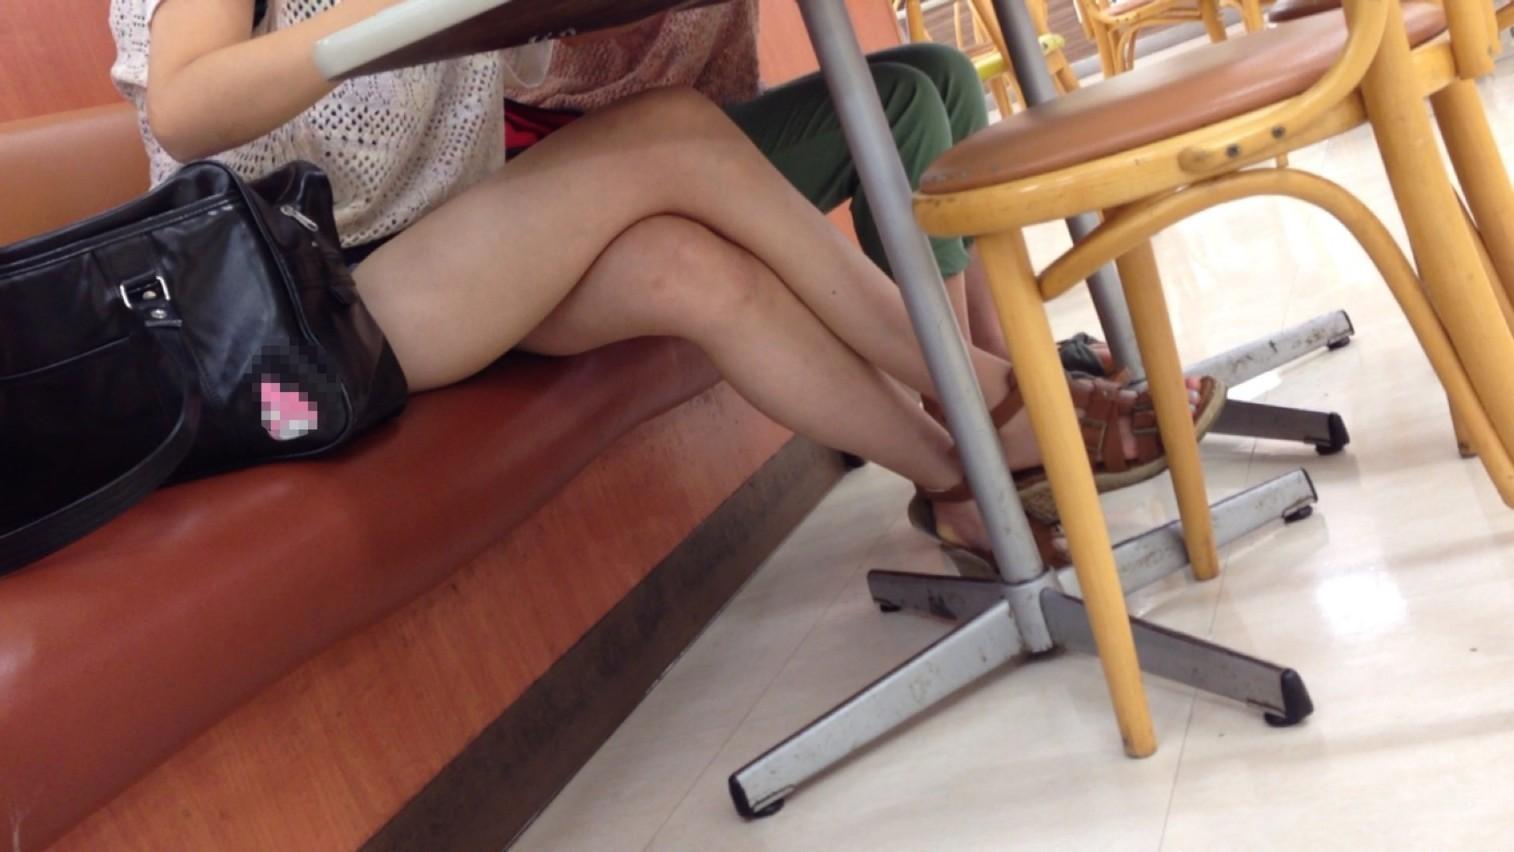 【美脚エロ画像】綺麗な裏腿が見放題!脚組んで座る女子のムッチリ度UP中の太ももwww 01